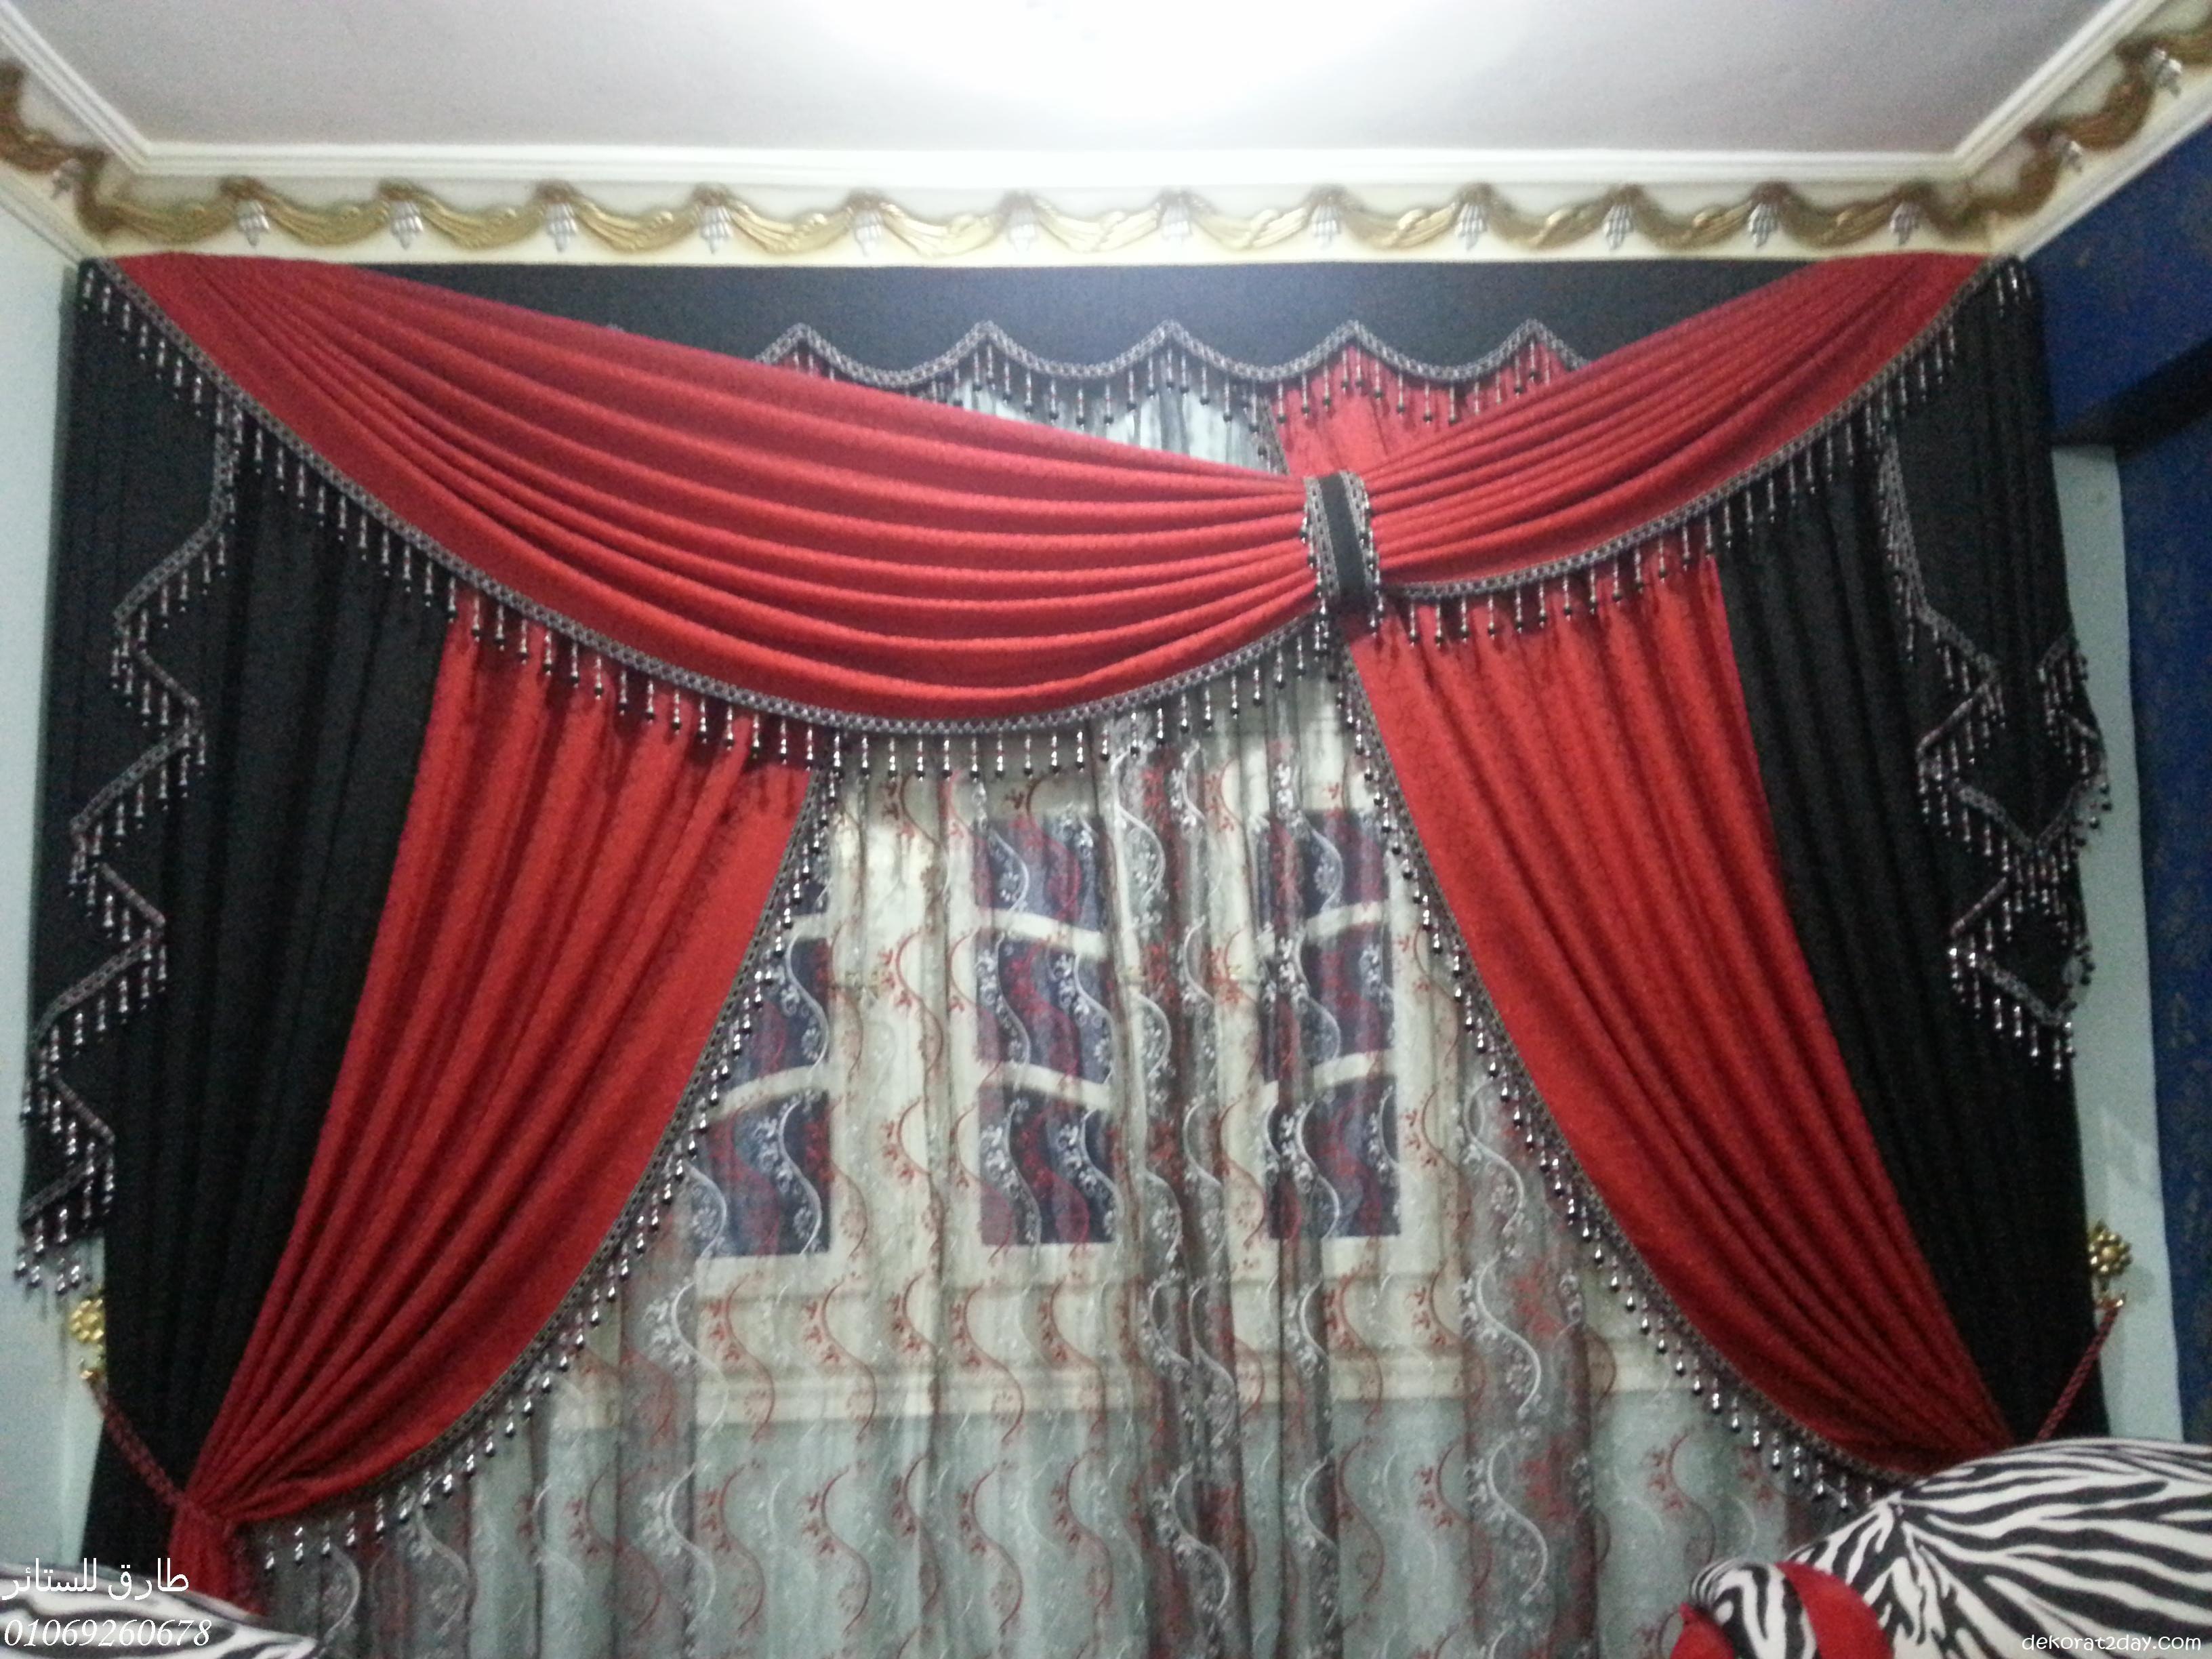 صور ستائر فخمة ستائر مودرن2104 ستائر جديدة اشكال مميزة 2014 Curtains Valance Curtains Home Decor